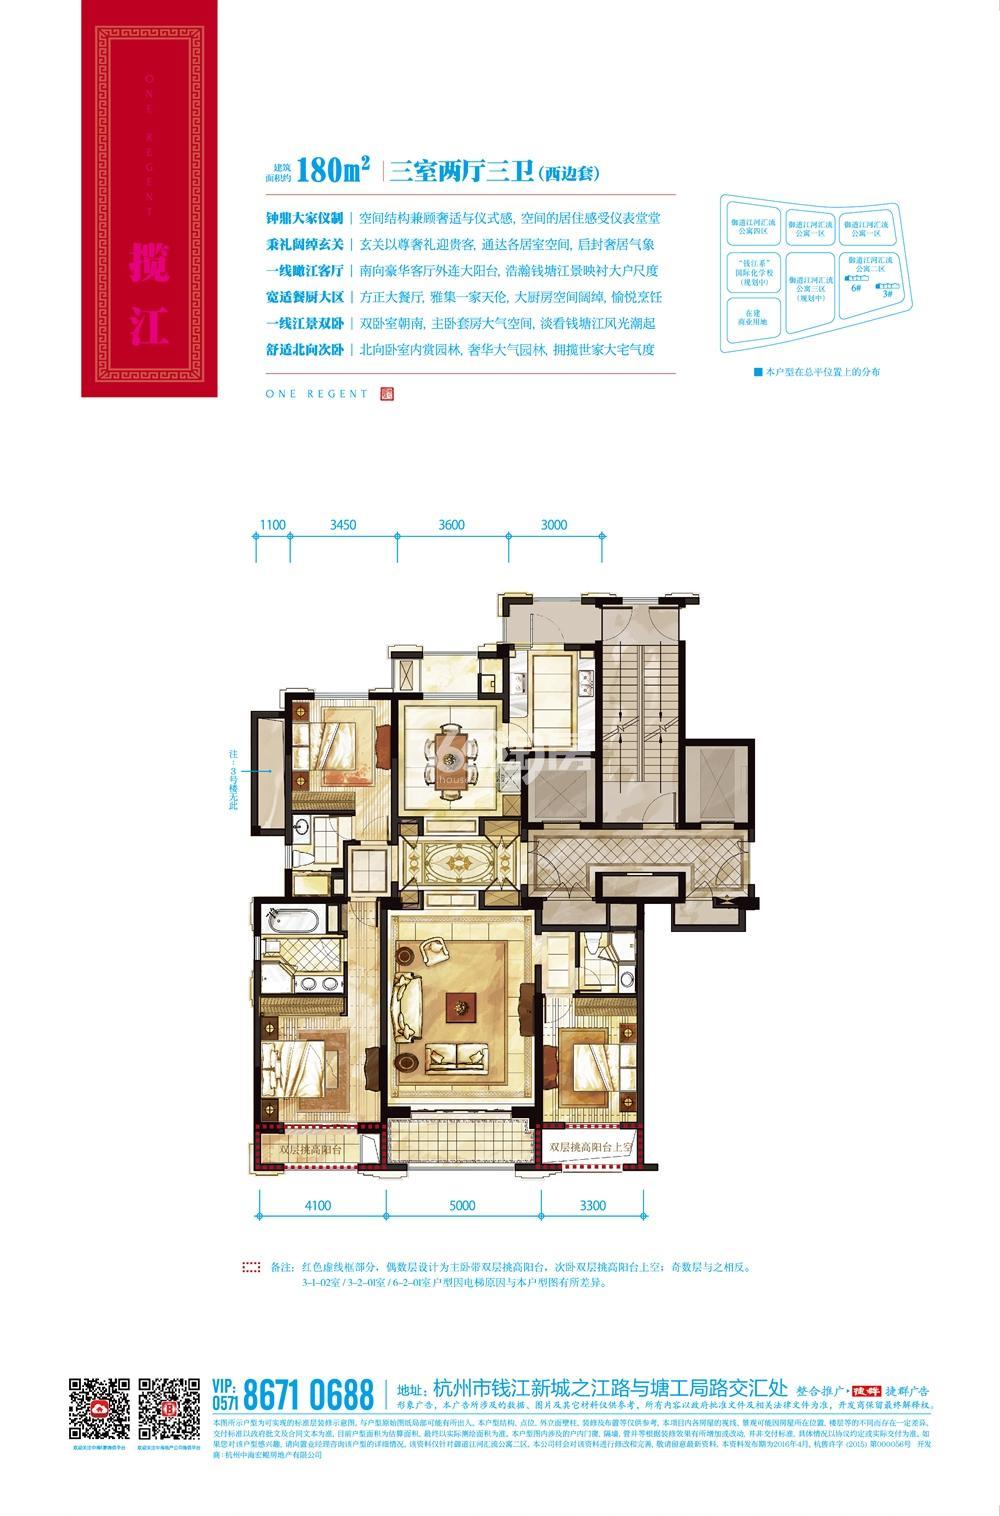 中海御道揽江180方户型西边套 (3、6号楼)